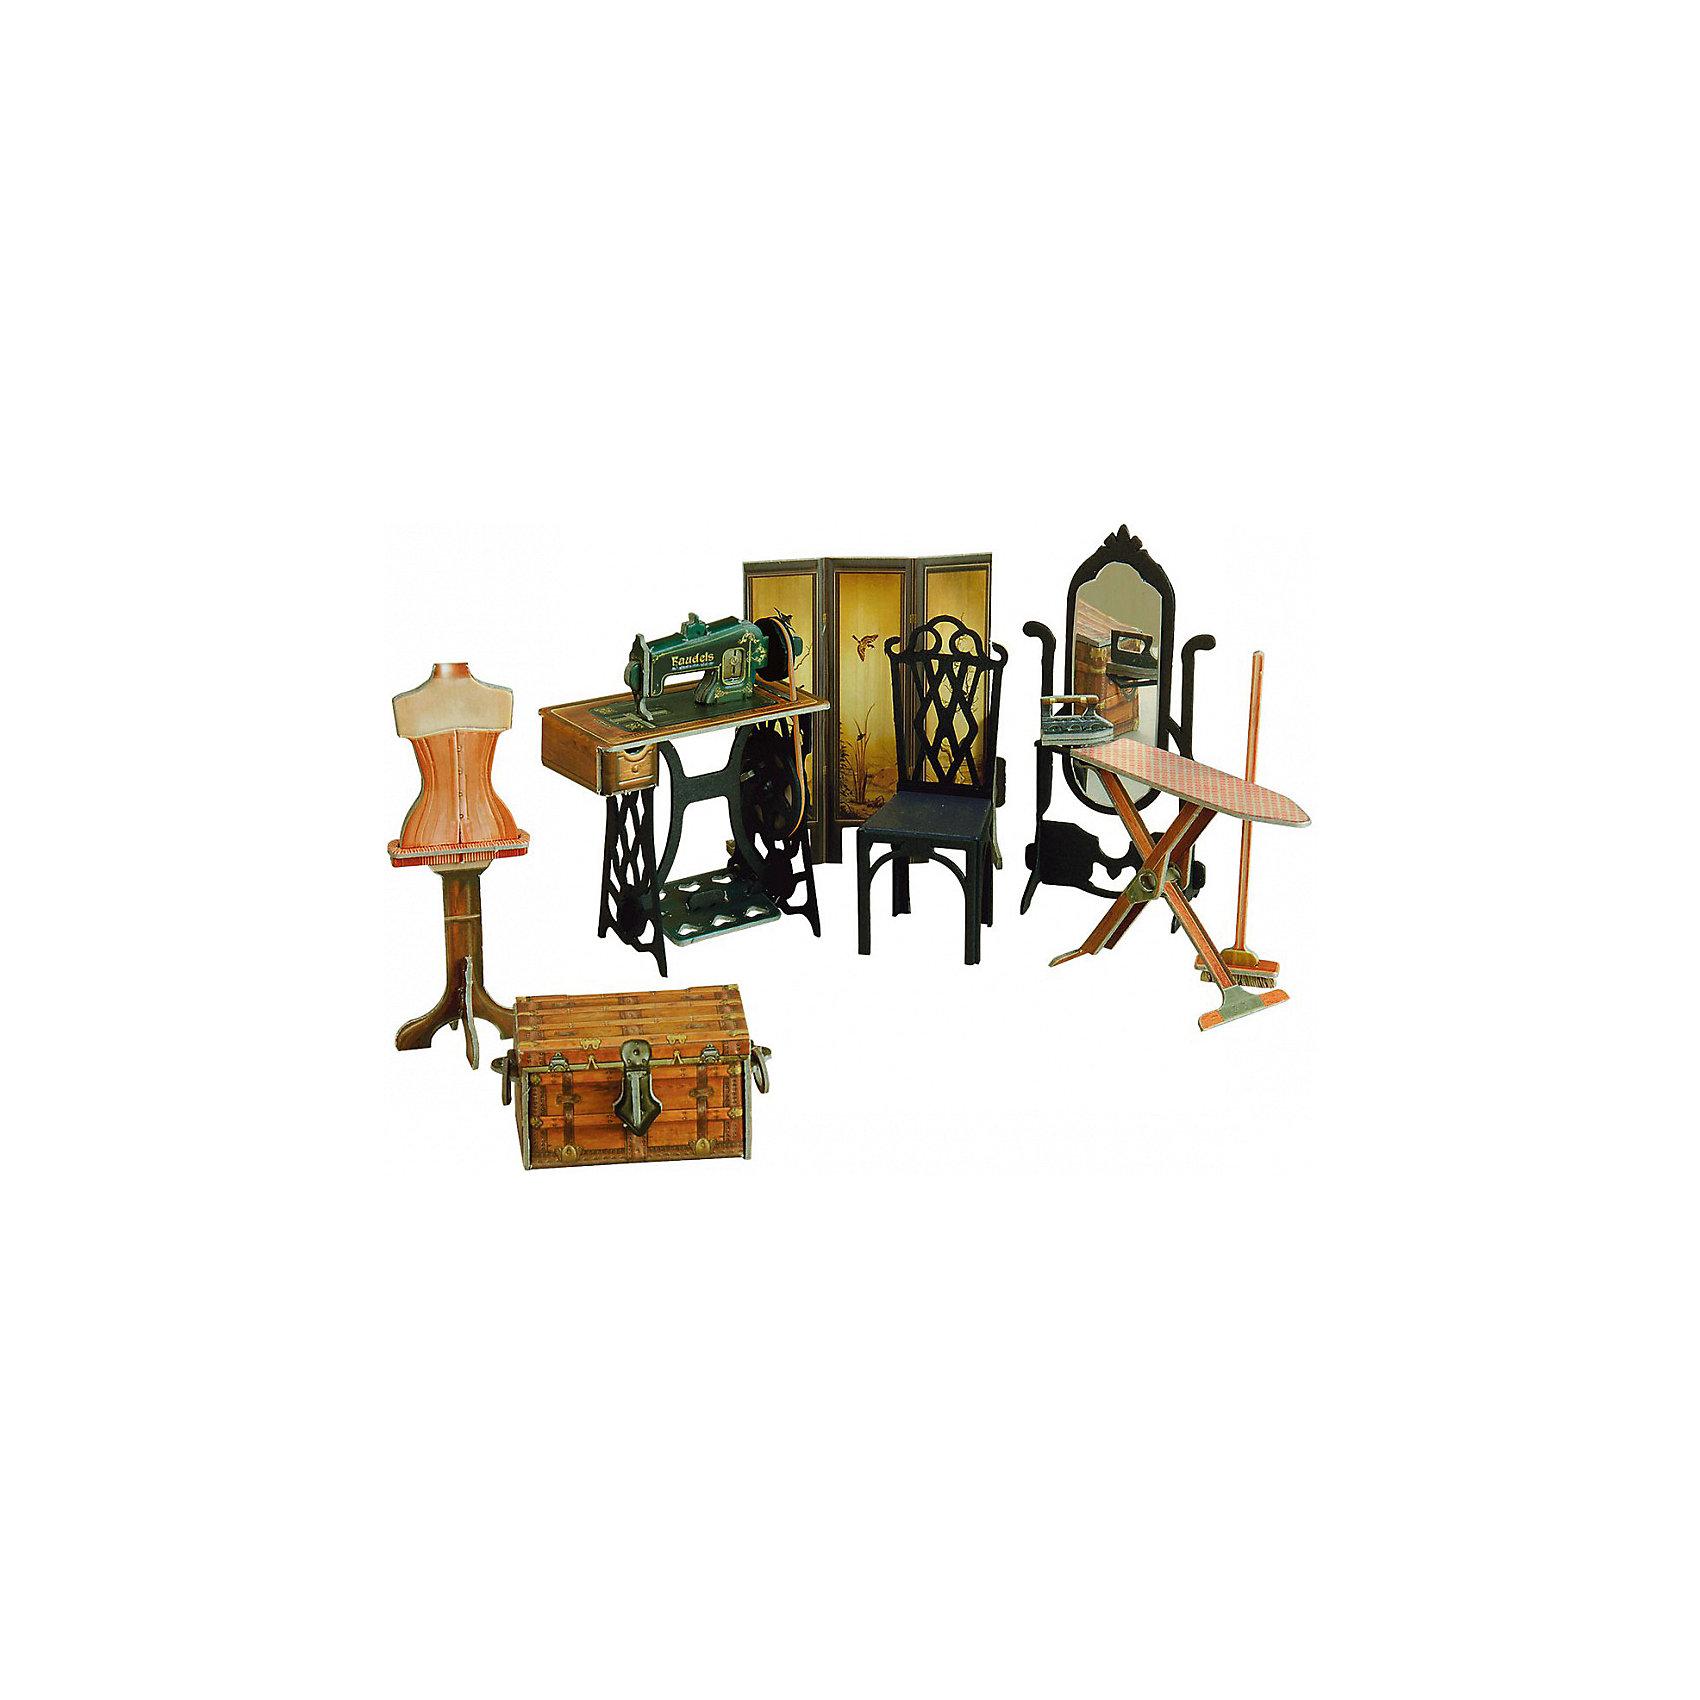 Сборная модель Швейная мастерскаяШвейная мастерская - Сюжетный игровой набор из плотного картона. Серия: Кукольный дом и мебель. Количество деталей, шт: 40. Размер в собранном виде, см: . Размер упаковки, мм.:  высота 264 ширина 180 глубина 19. Тип упаковки: Картонная коробка. Вес, гр.: 193. Возраст: от 7 лет. Все модели и игрушки, созданные по технологии УМНАЯ БУМАГА собираются без ножниц и клея, что является их неповторимой особенностью.<br>Принцип соединения деталей запатентован. Соединения деталей продуманы и просчитаны с такой точностью, что при правильной сборке с моделью можно играть, как с обычной игрушкой.<br><br>Ширина мм: 180<br>Глубина мм: 19<br>Высота мм: 264<br>Вес г: 193<br>Возраст от месяцев: 84<br>Возраст до месяцев: 2147483647<br>Пол: Унисекс<br>Возраст: Детский<br>SKU: 4807417